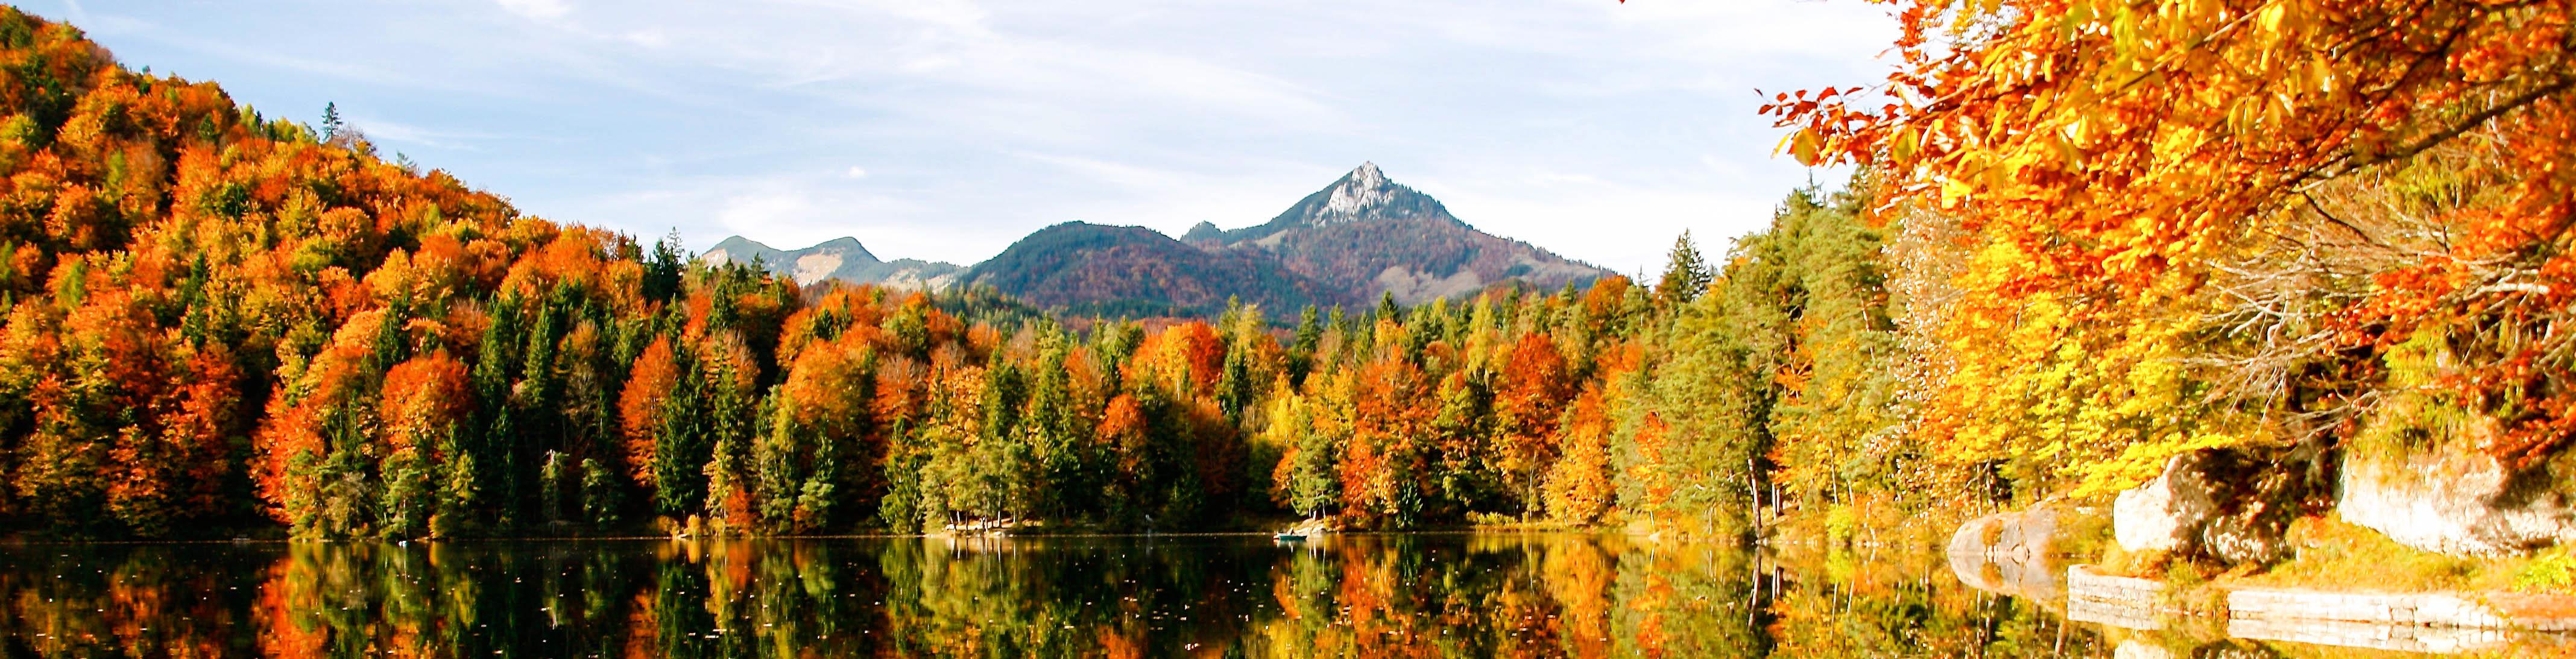 de herfstkleuren in Canada